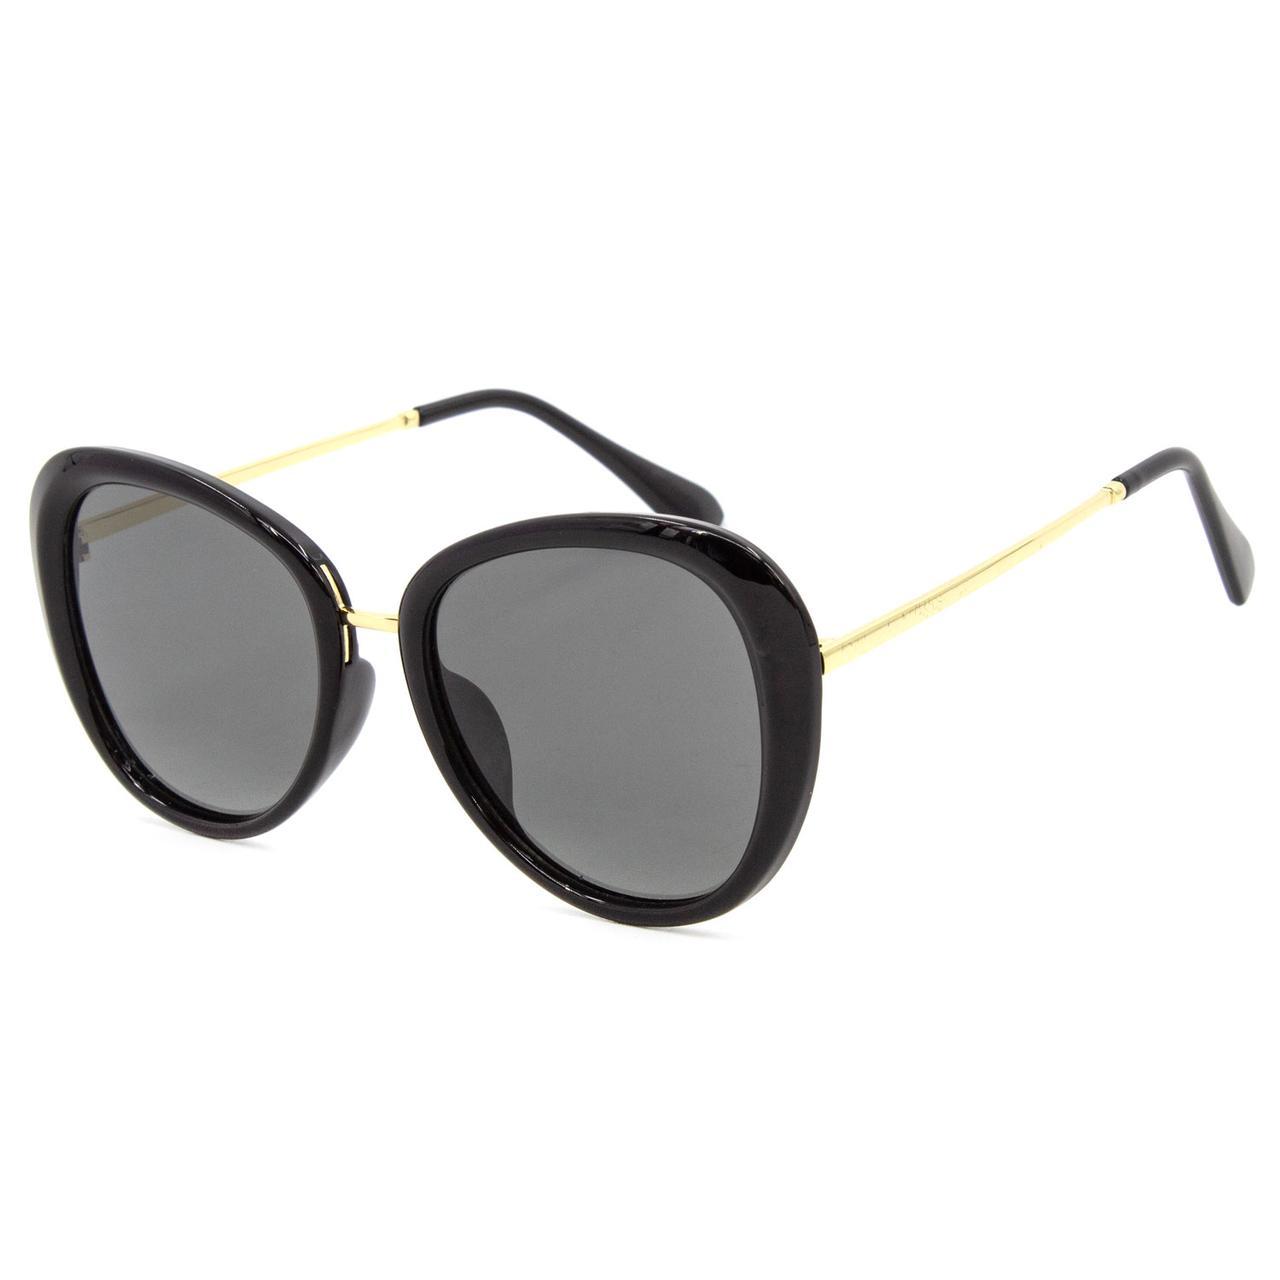 Солнцезащитные очки Marmilen Polar 3181 C1 черные    ( 3181-01 )